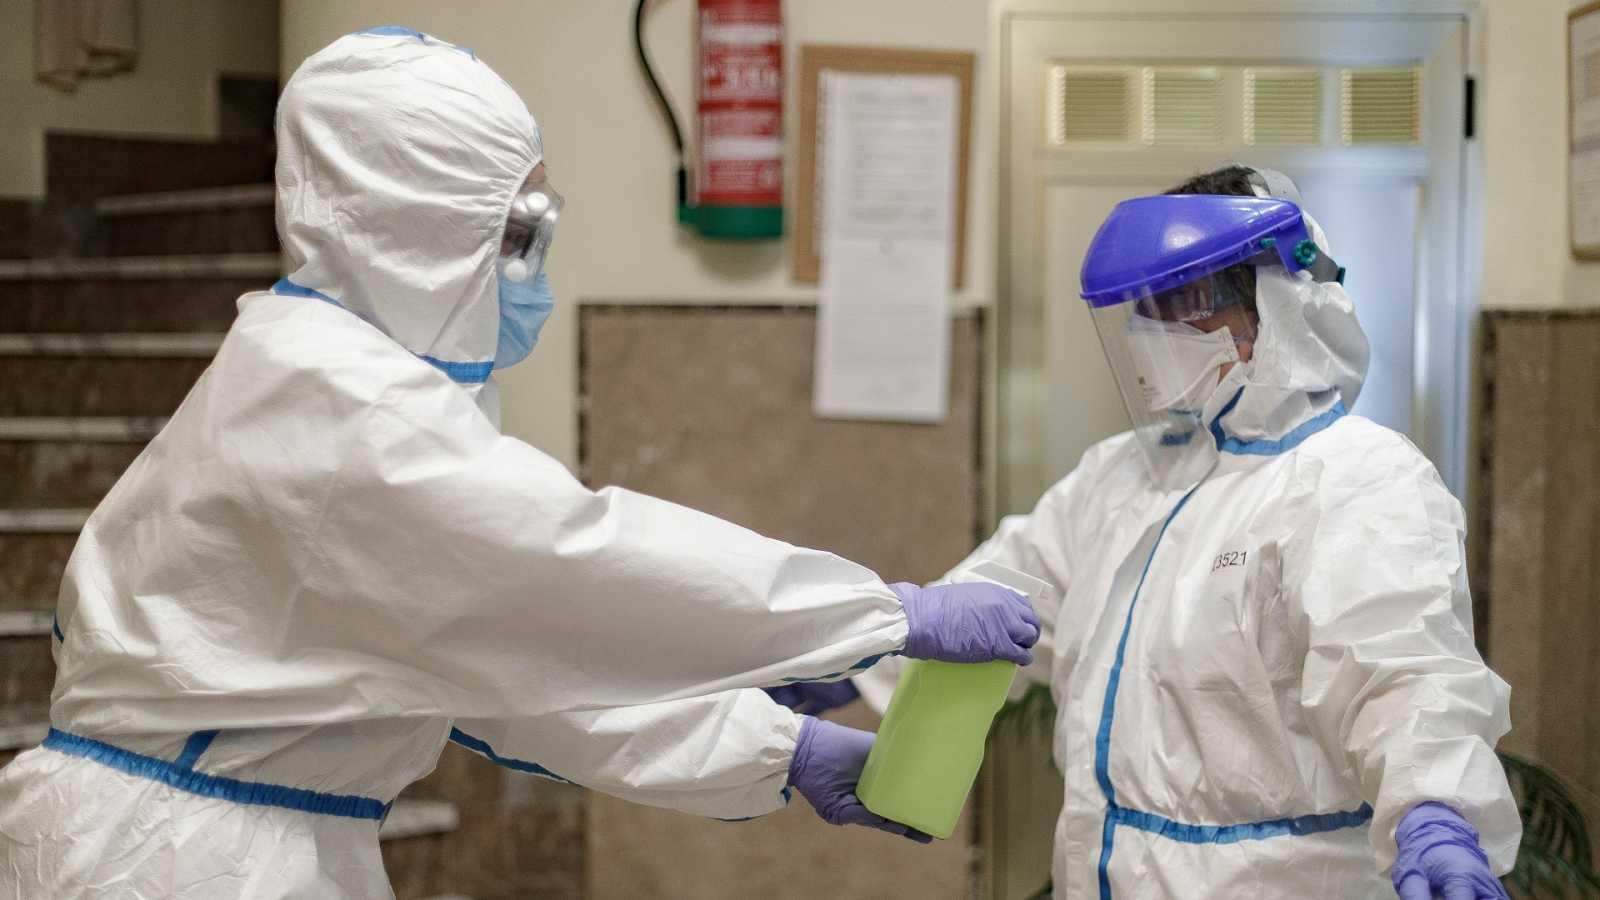 Una trabajadora desinfecta a un médico en el interior de una residencia de mayores.